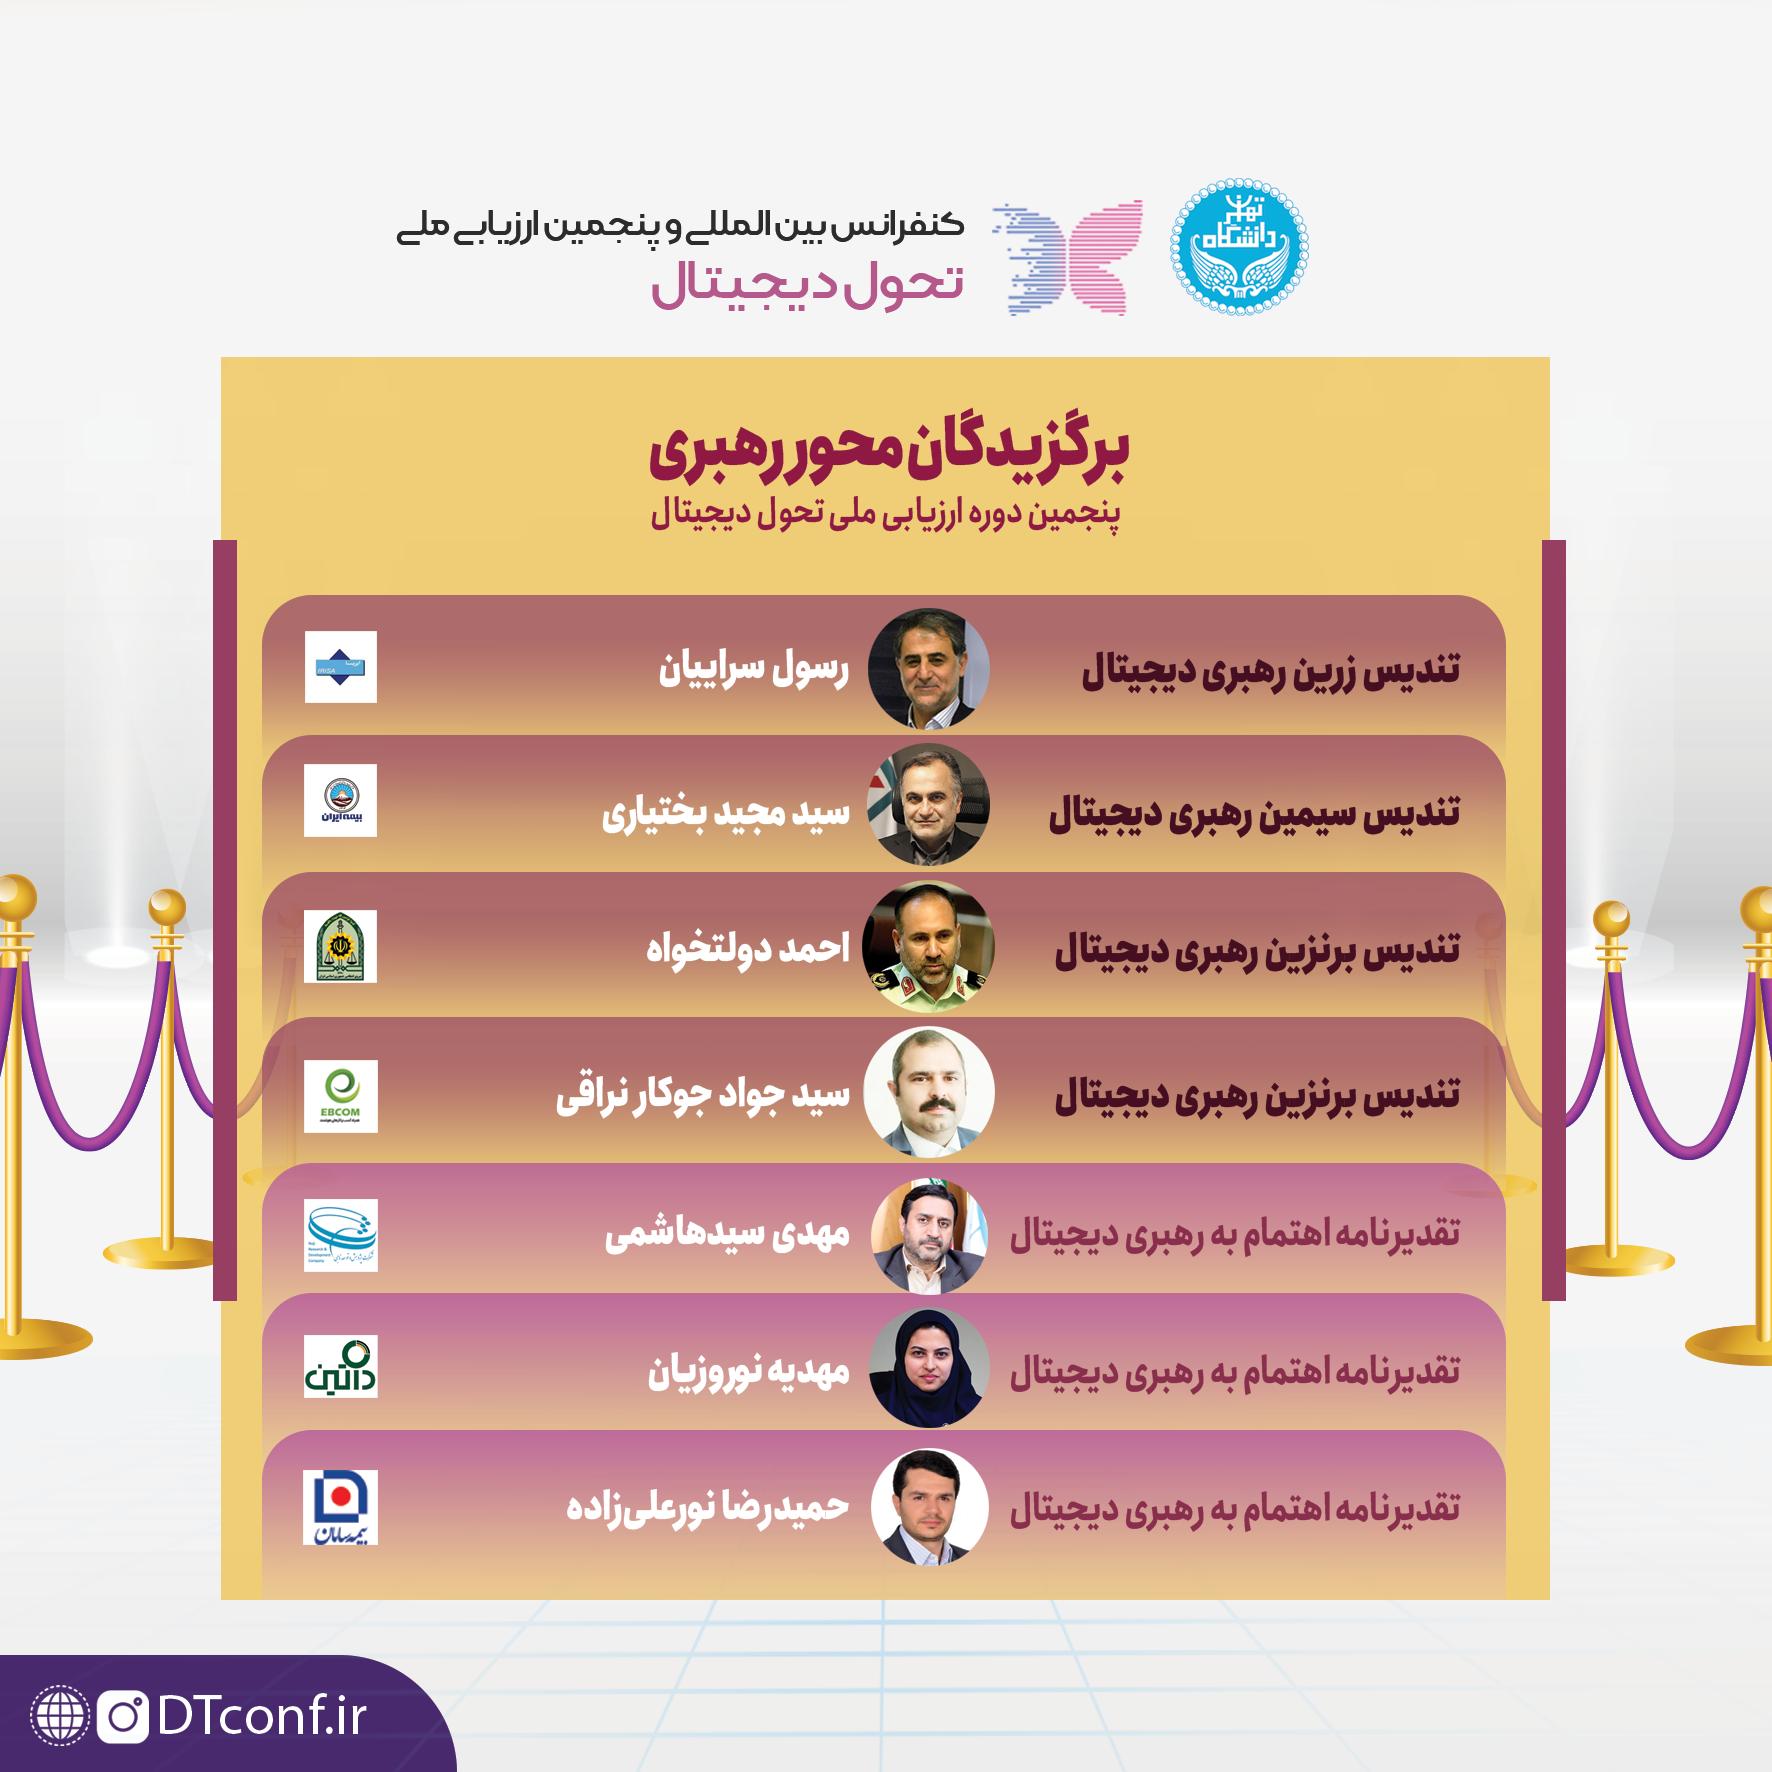 برگزیدگان محور رهبری دیجیتال در پنجمین دوره ارزیابی ملی تحول دیجیتال